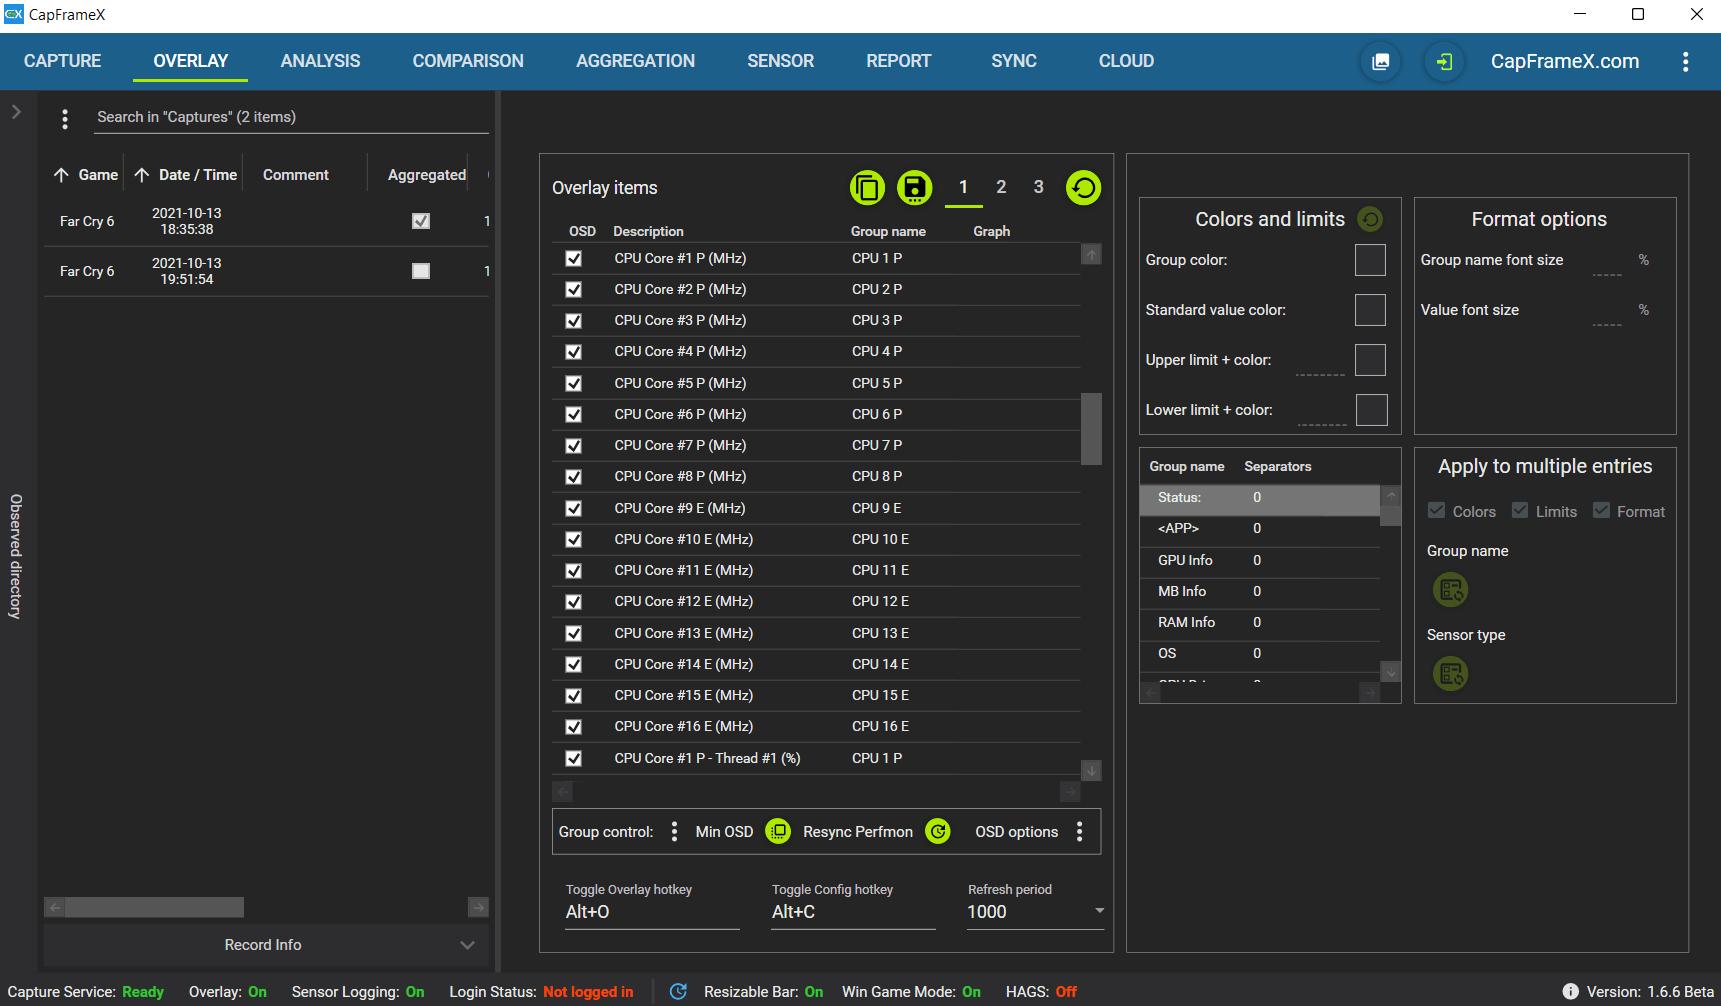 El Intel Core i9-12900K es reconocido correctamente por CapFrameX 1.6.6 Beta